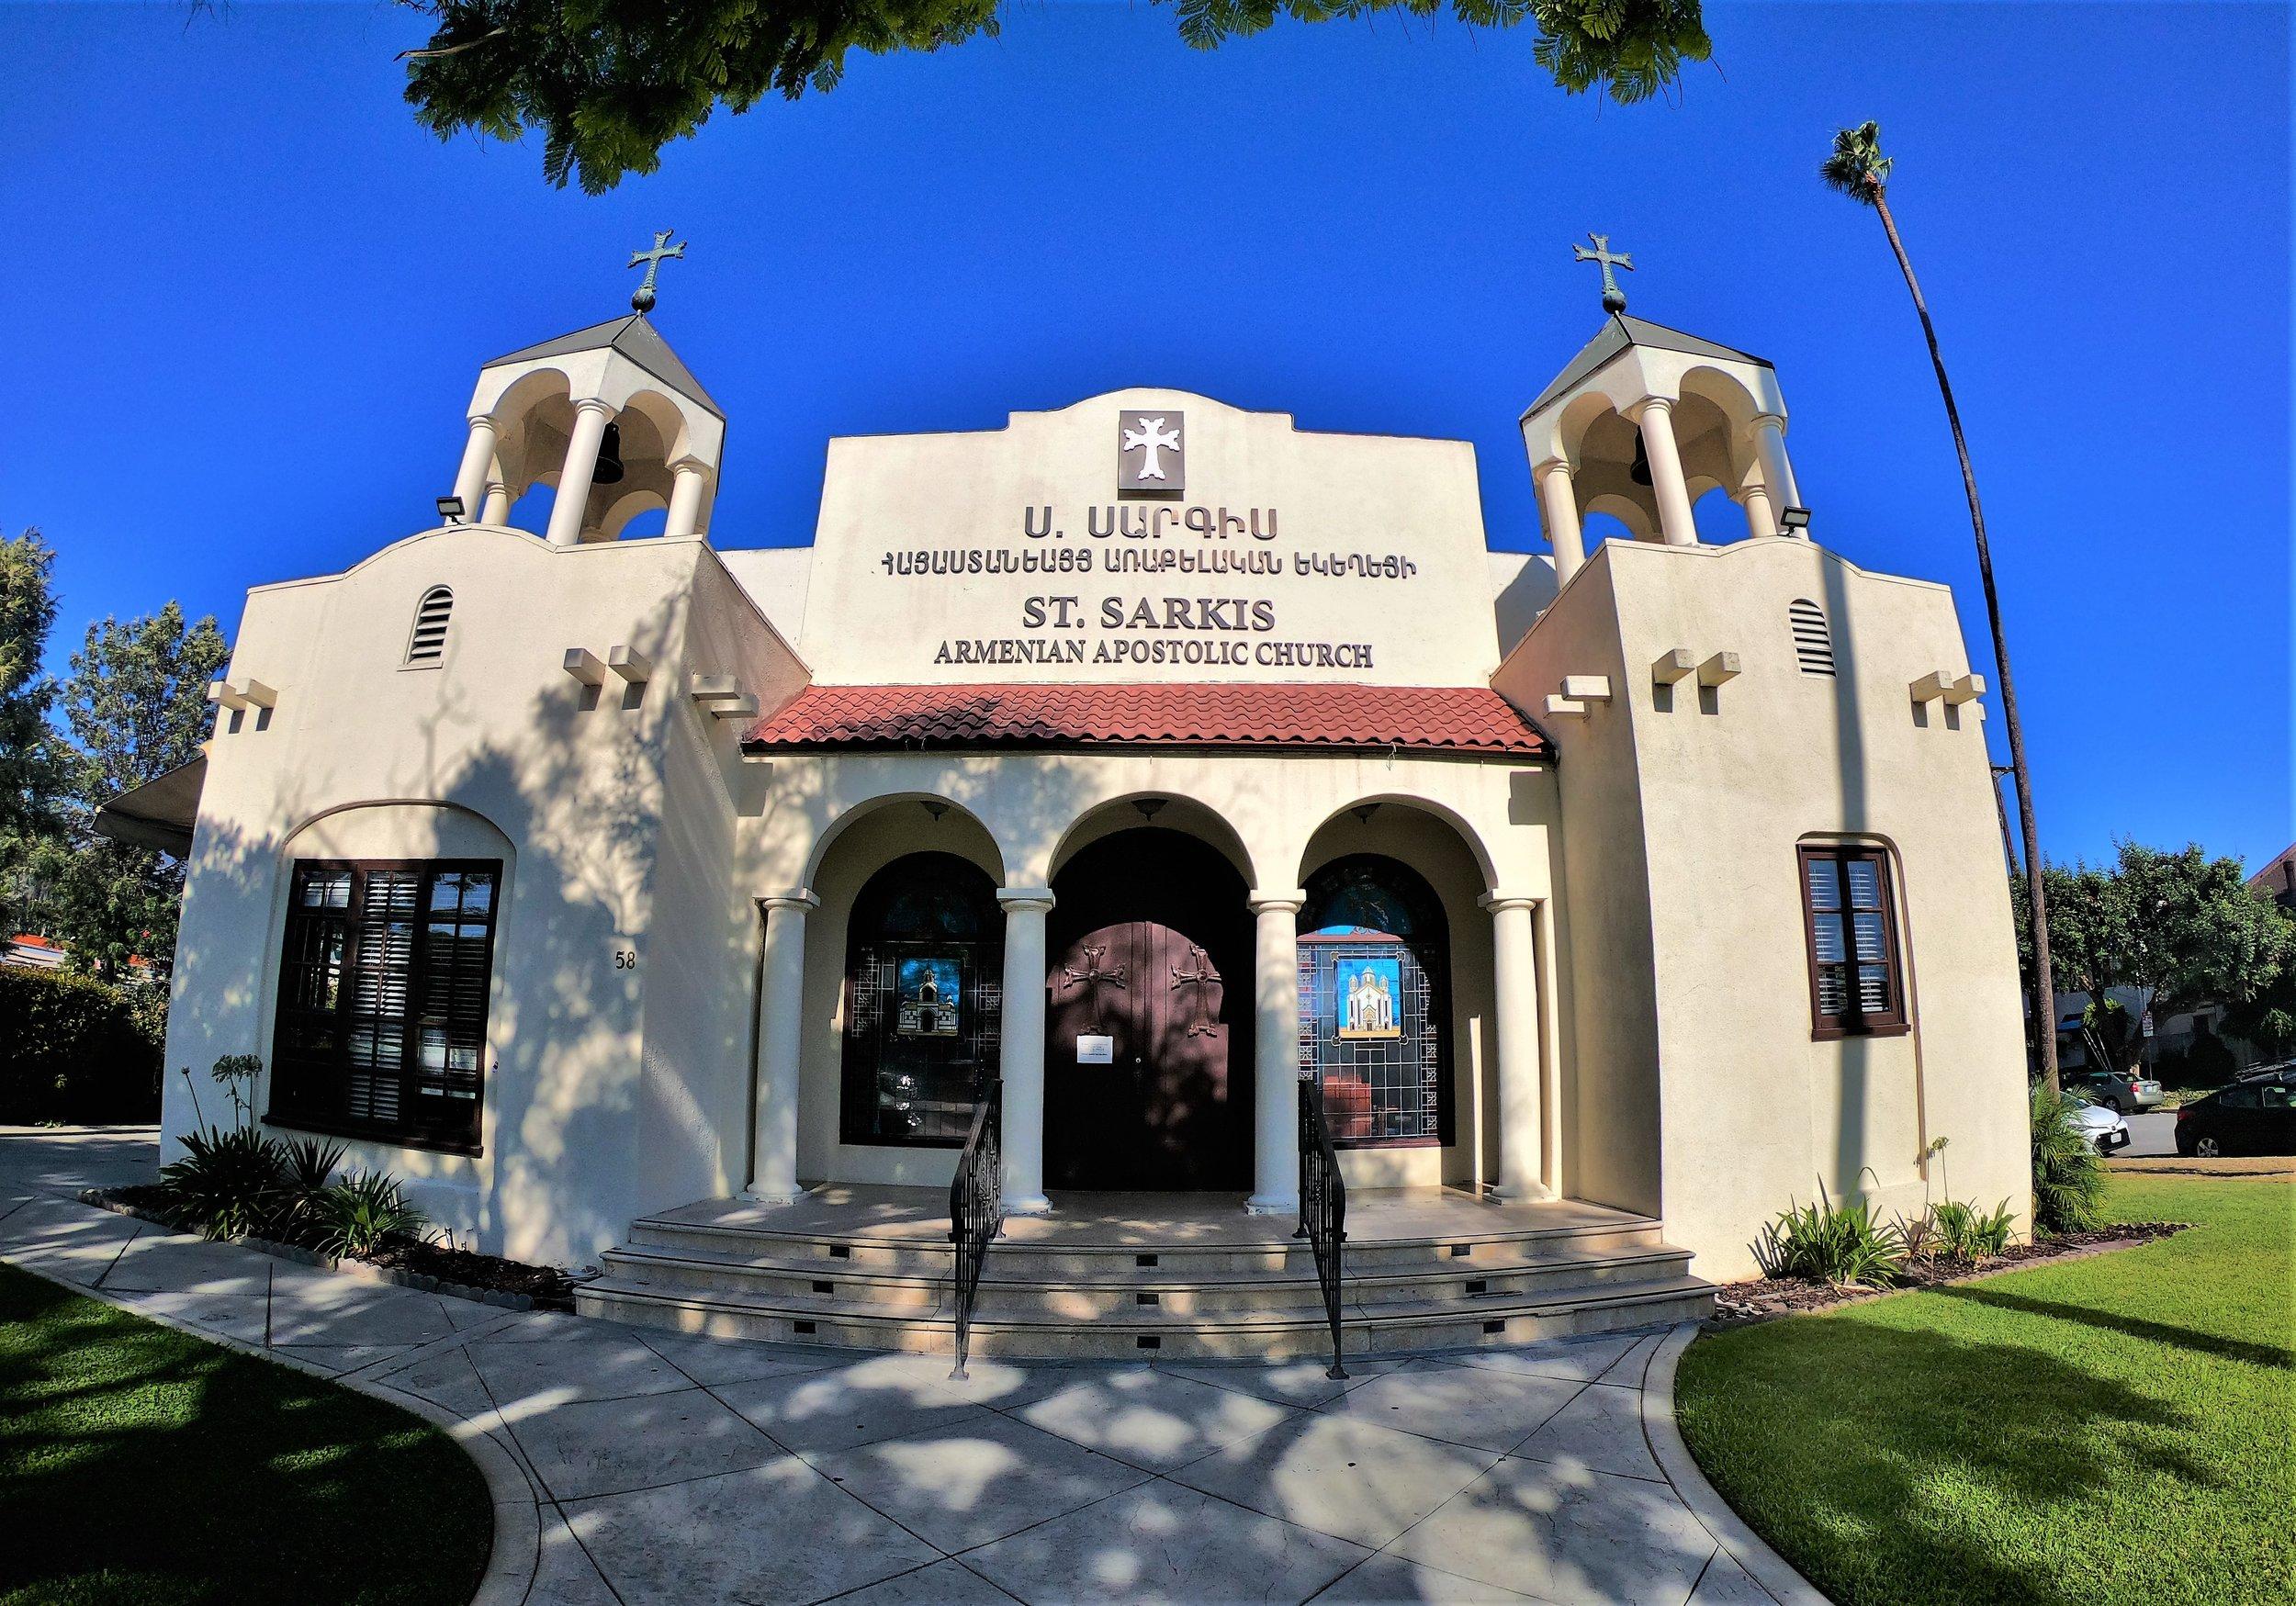 St. Sarkis Armenian Church in Pasadena, California